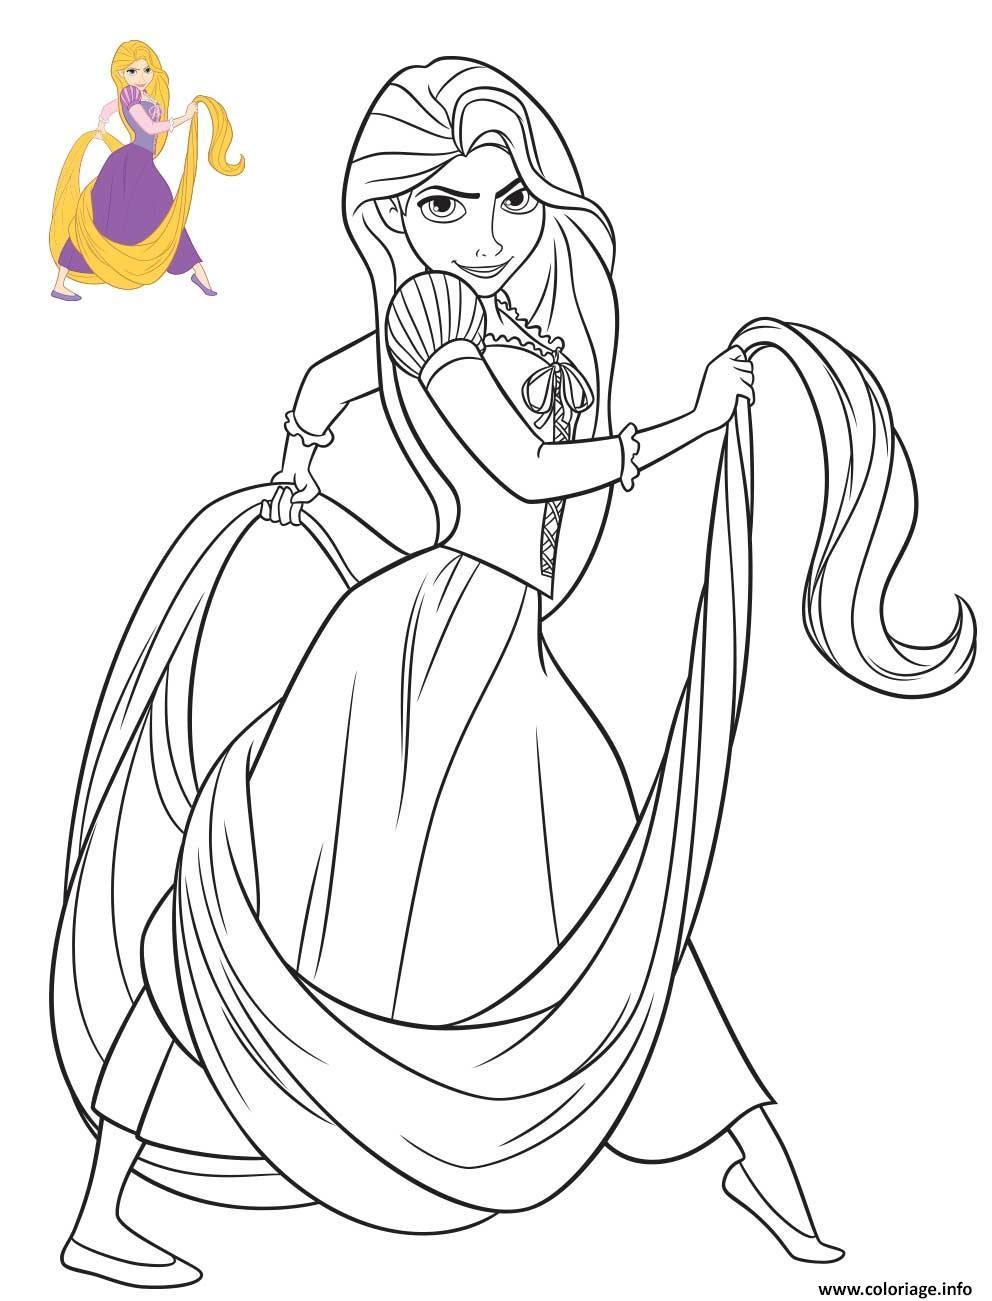 Coloriage Princesse Disney Raiponce Jecolorie Com